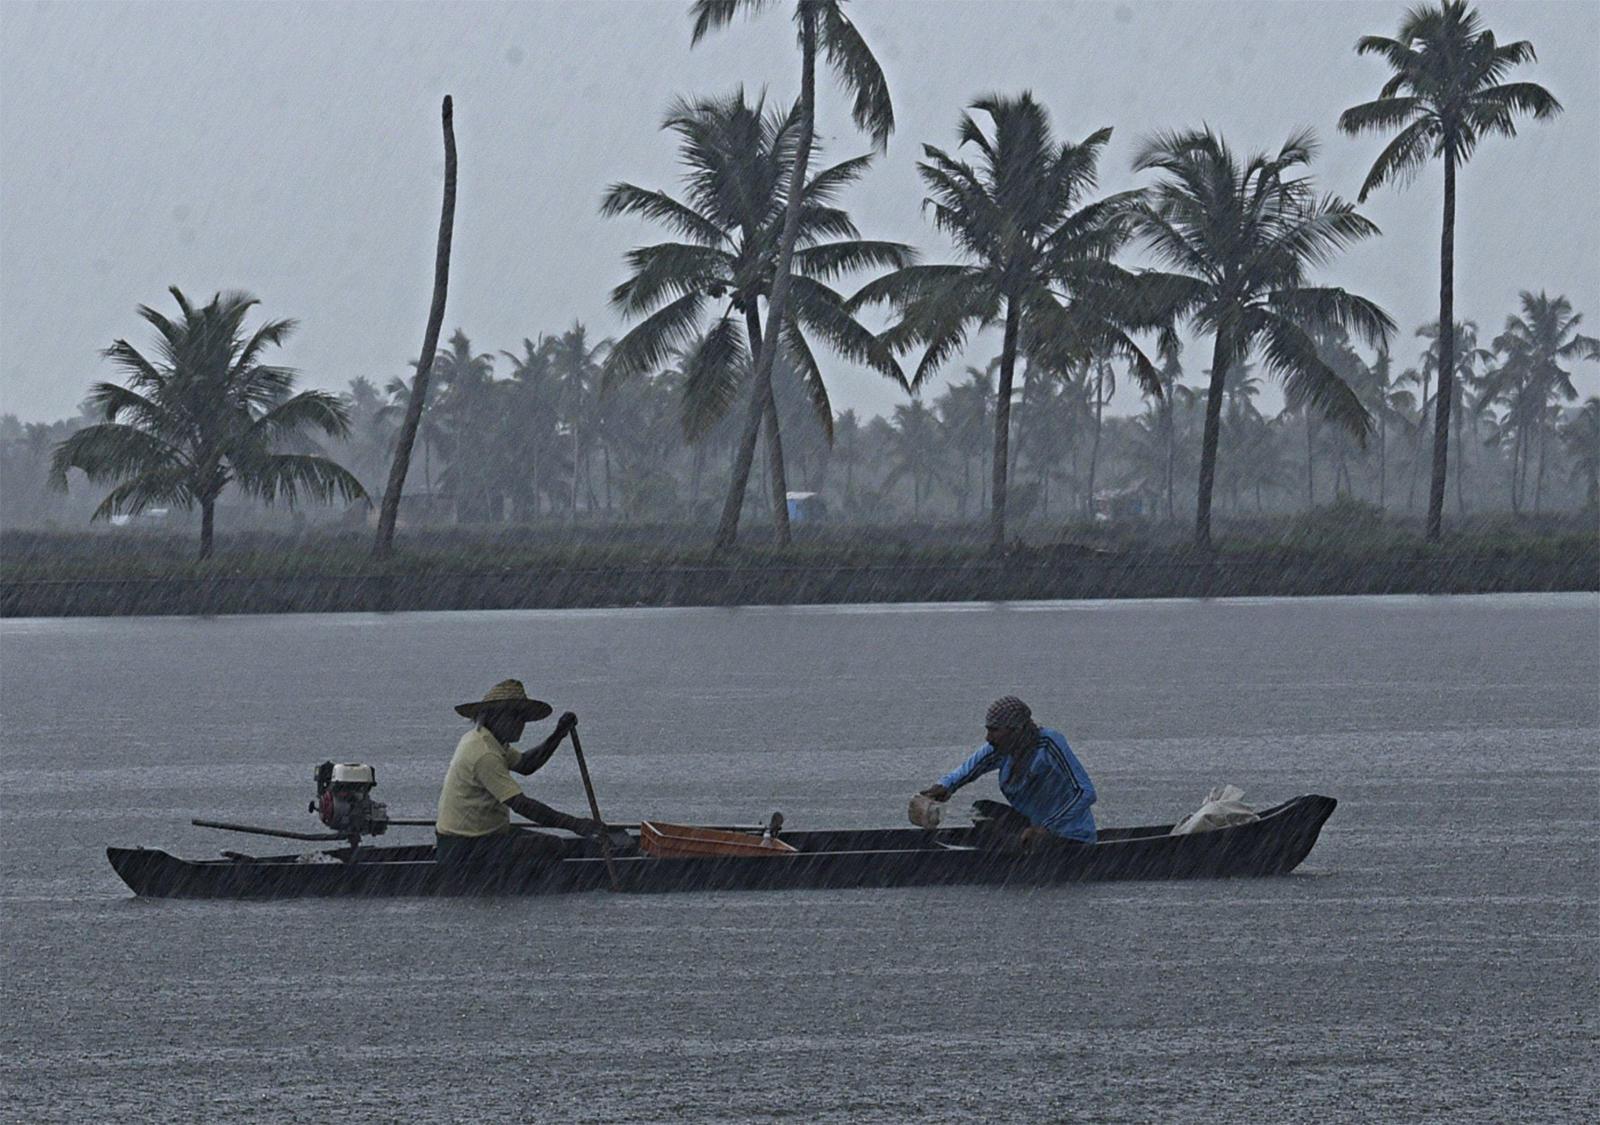 Monsoon likely to hit Kerala on June 4, will be 'below normal': Skymet 1